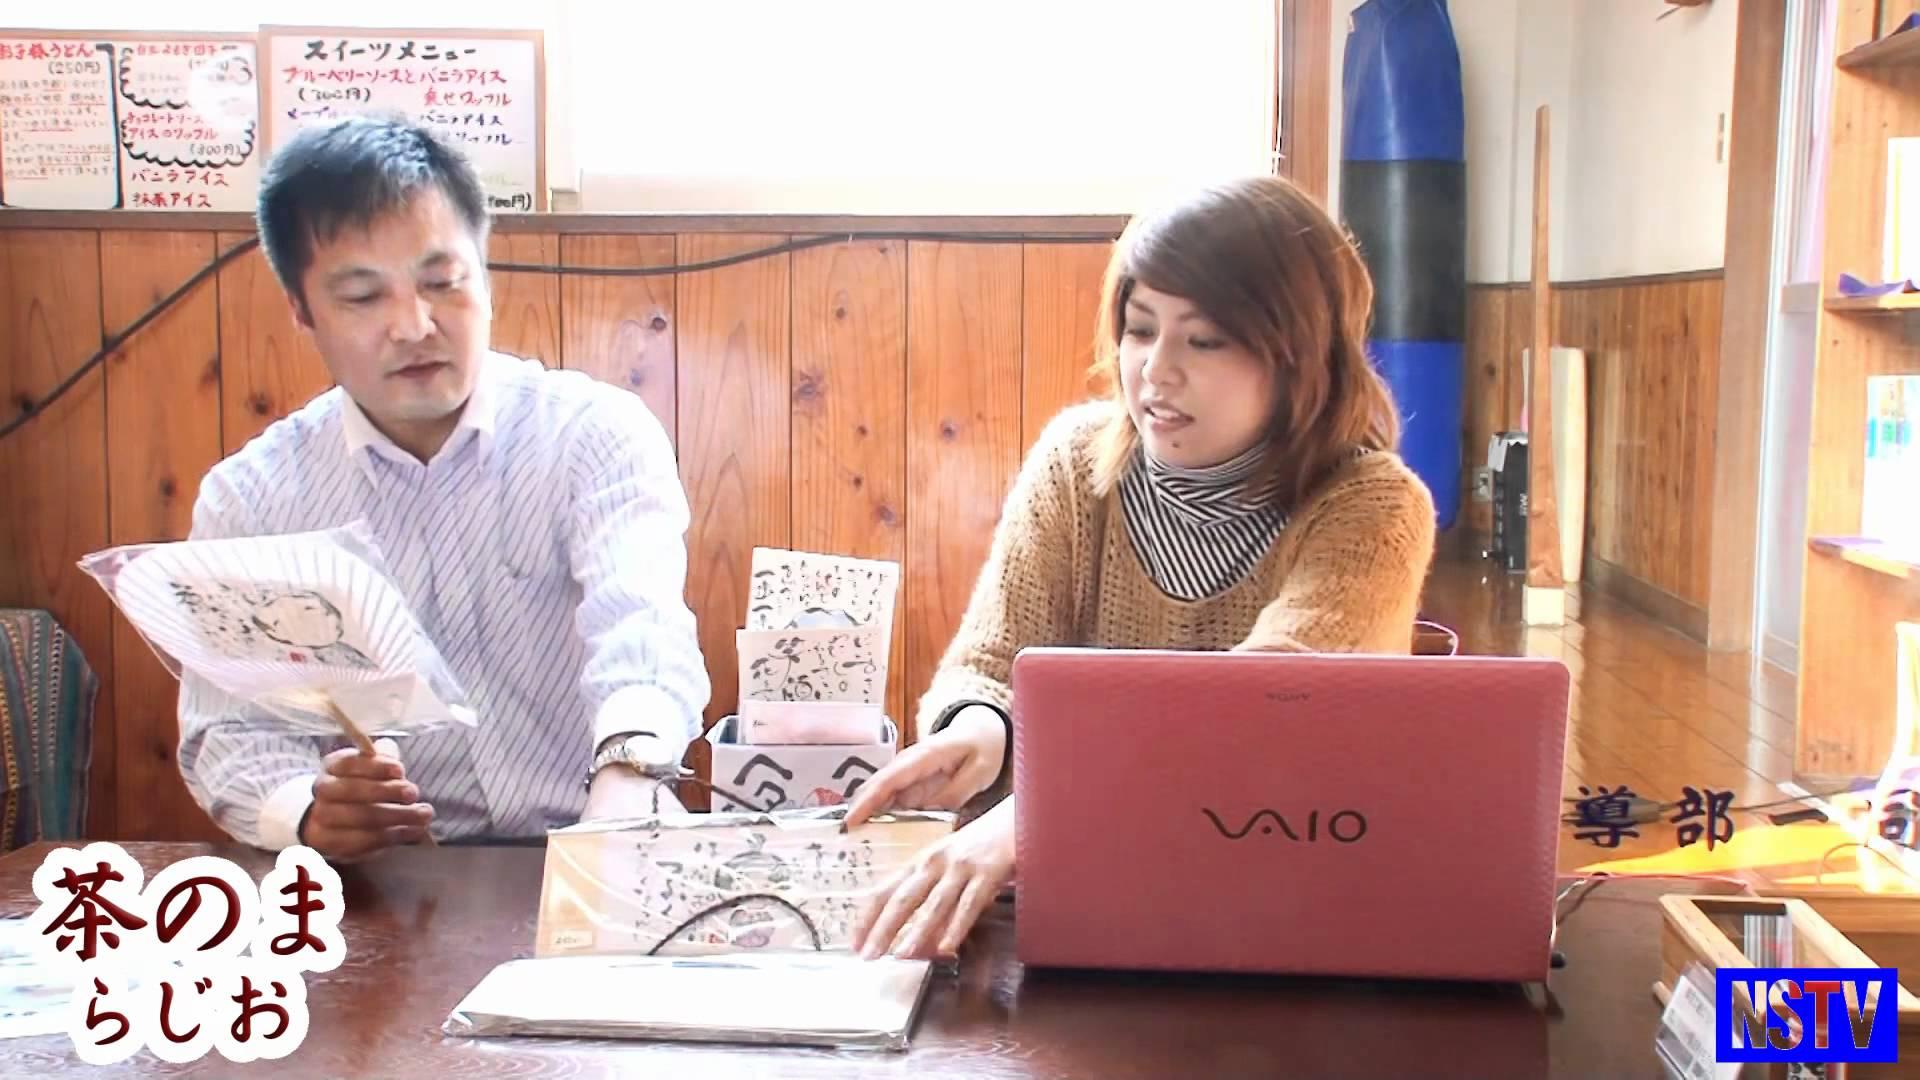 茶のまラジオ第2回 2012.04.07